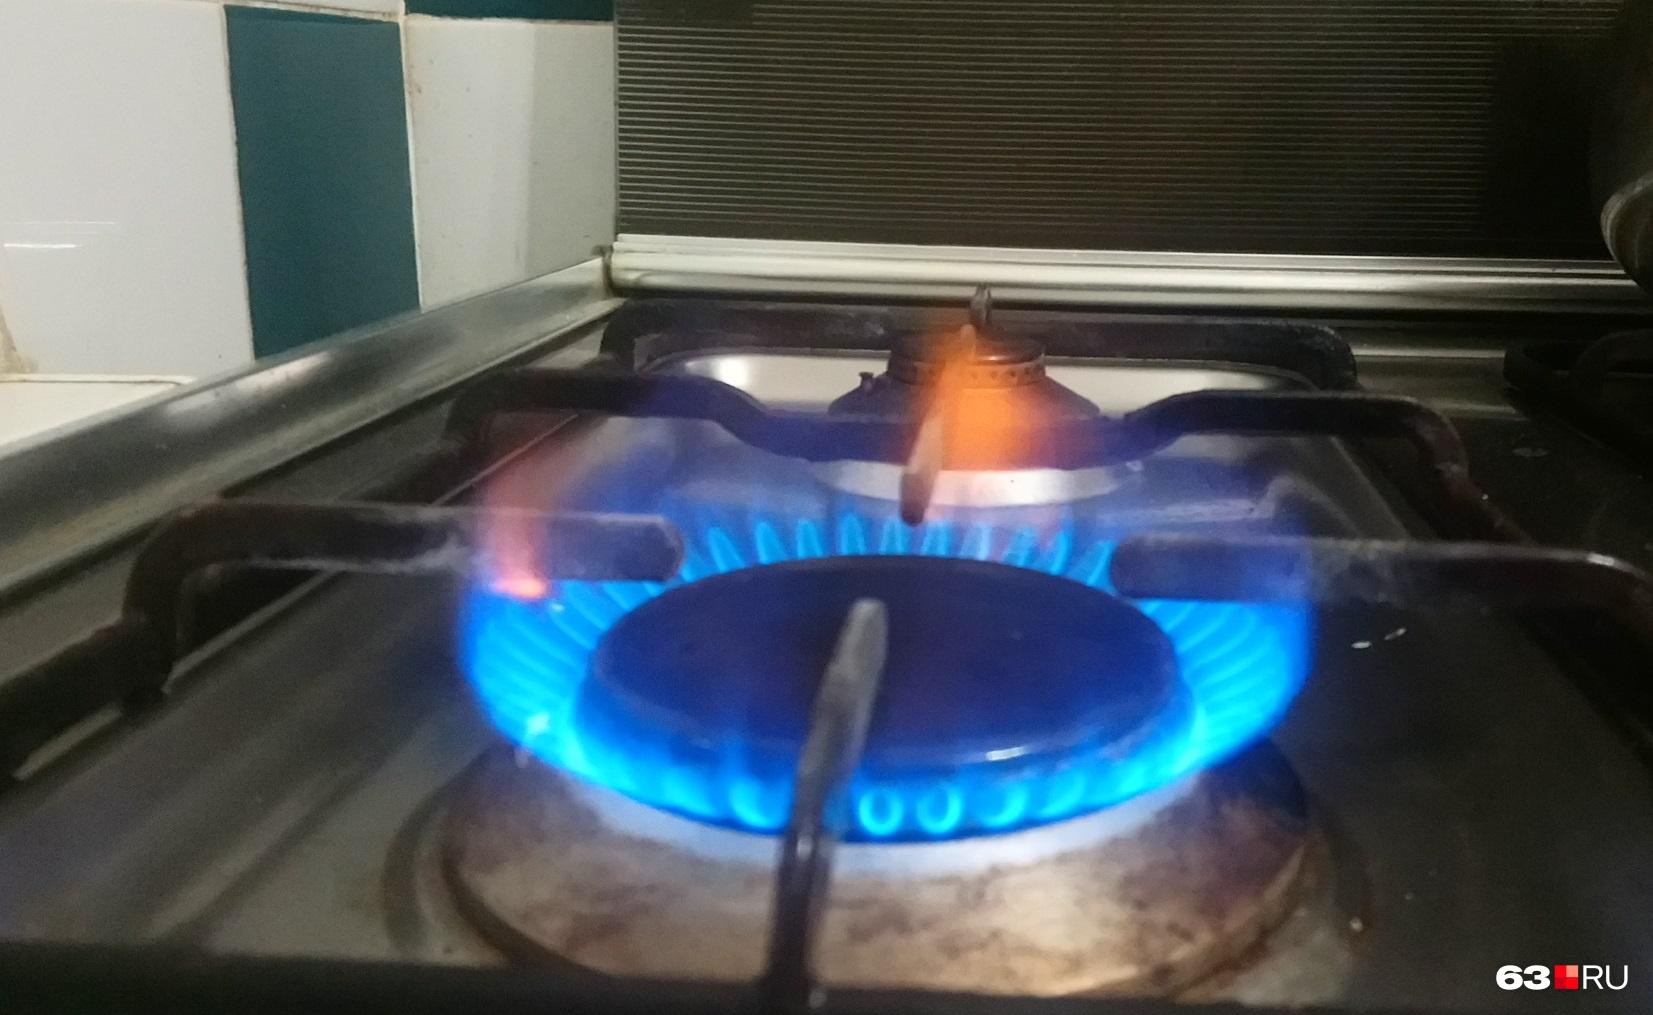 Чем пахнет газ? как определить утечку?